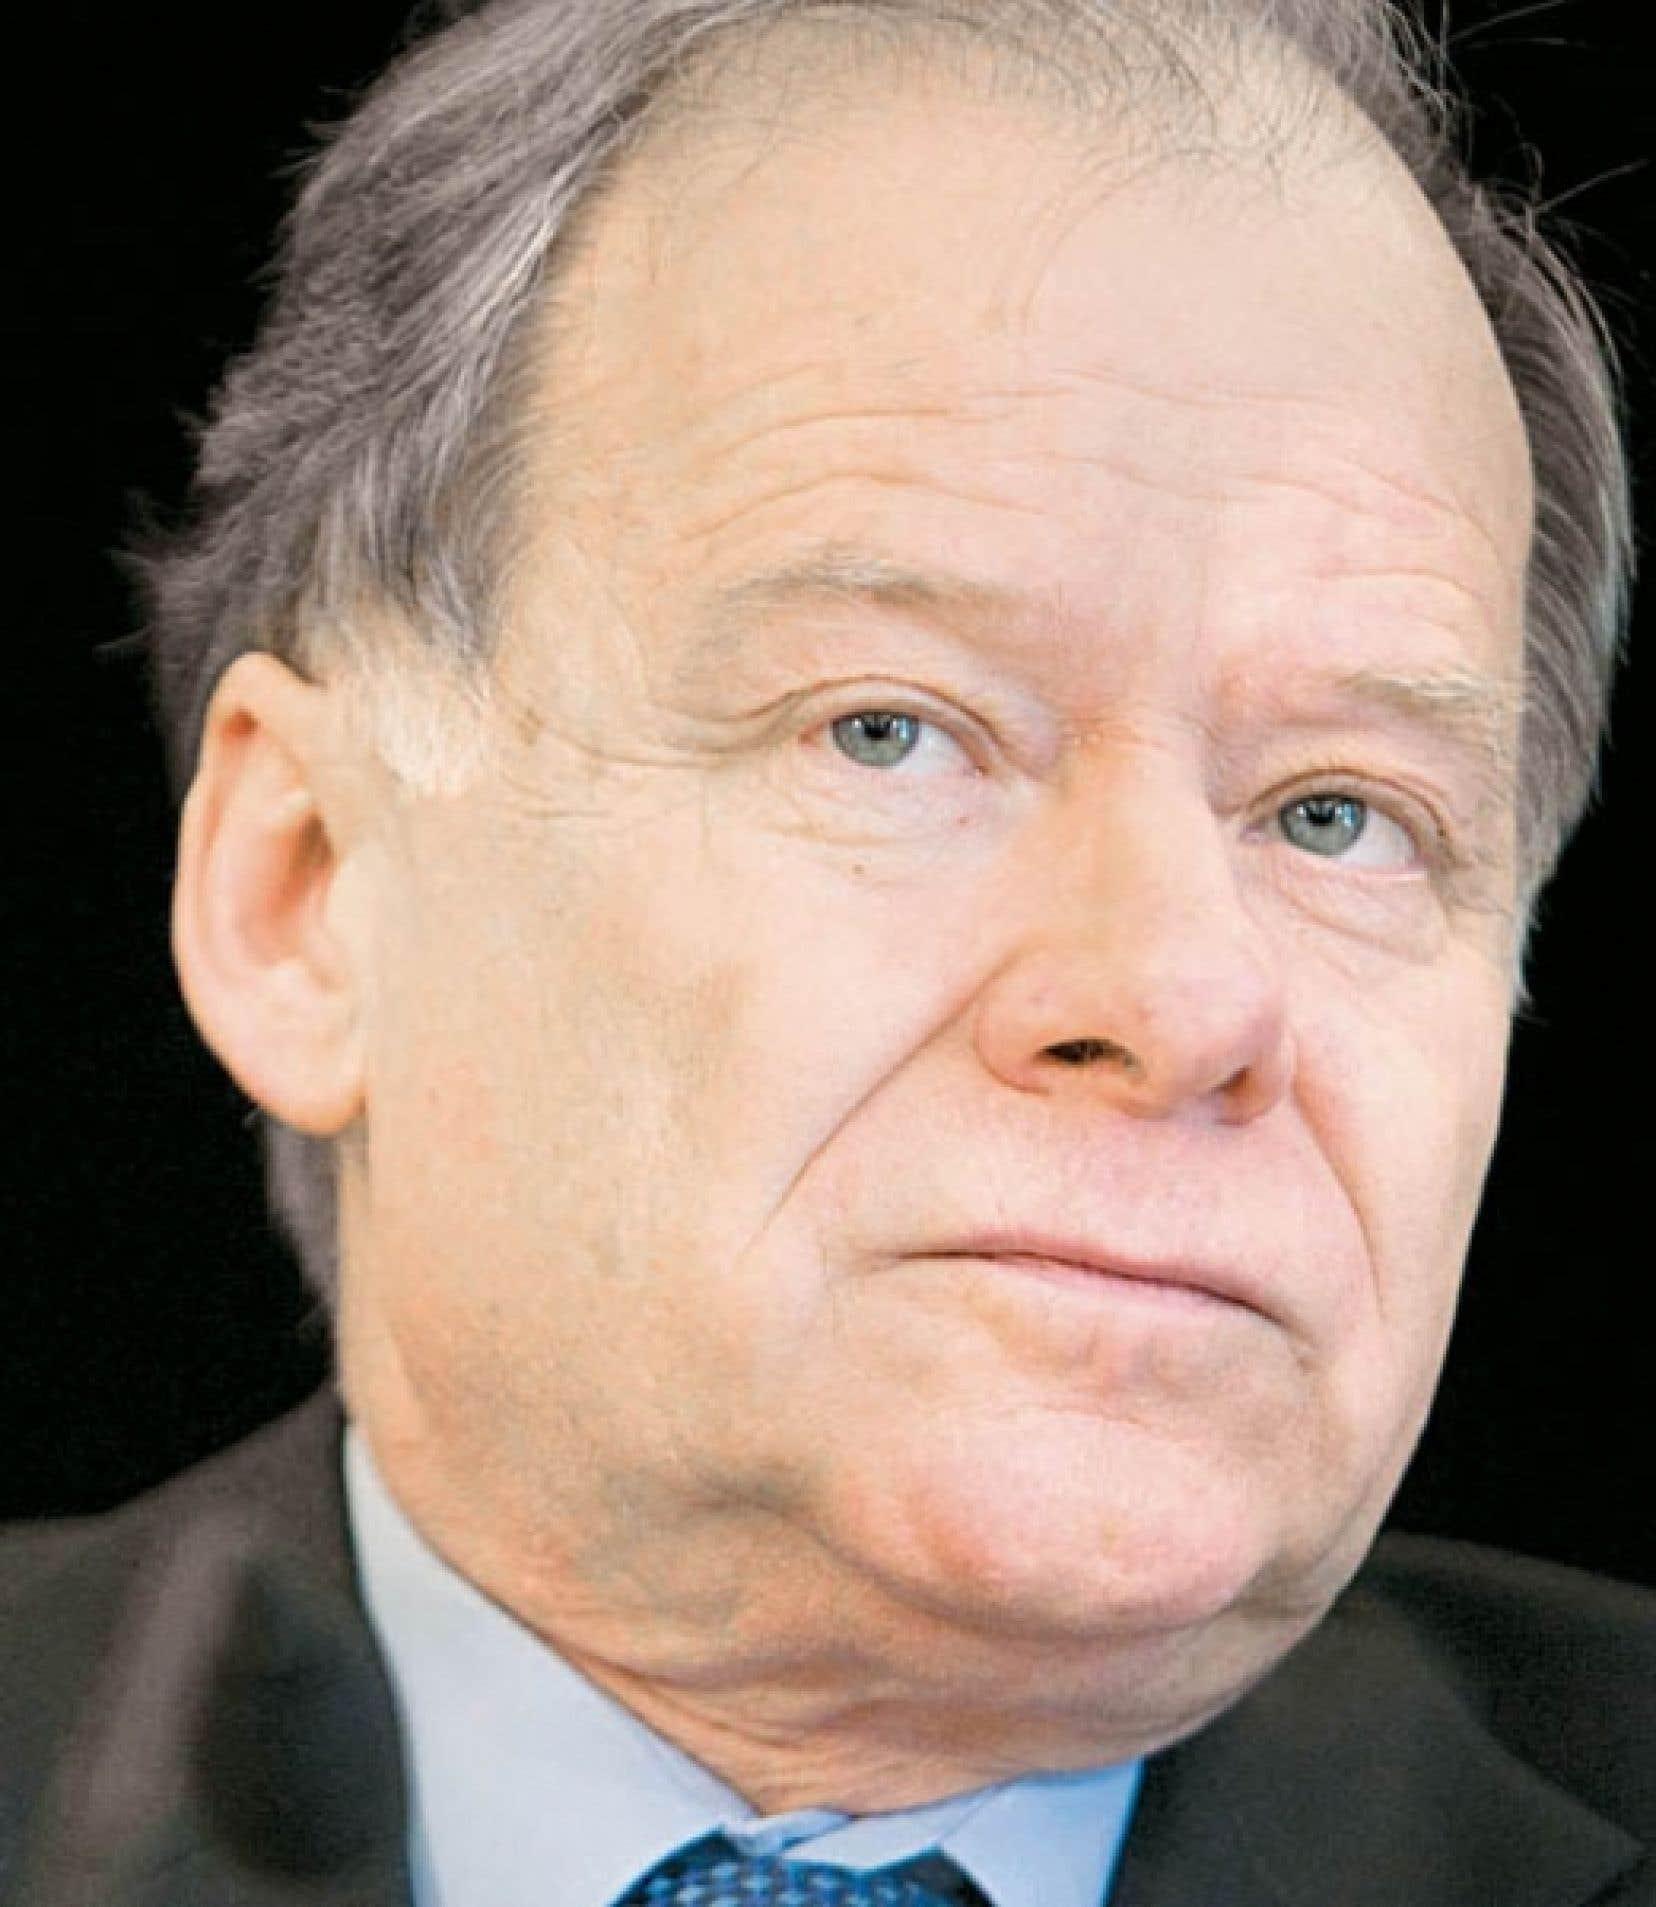 «Si le potentiel du Québec en hydrocarbures s'avère, nous serons prêts» – Raymond Bachand